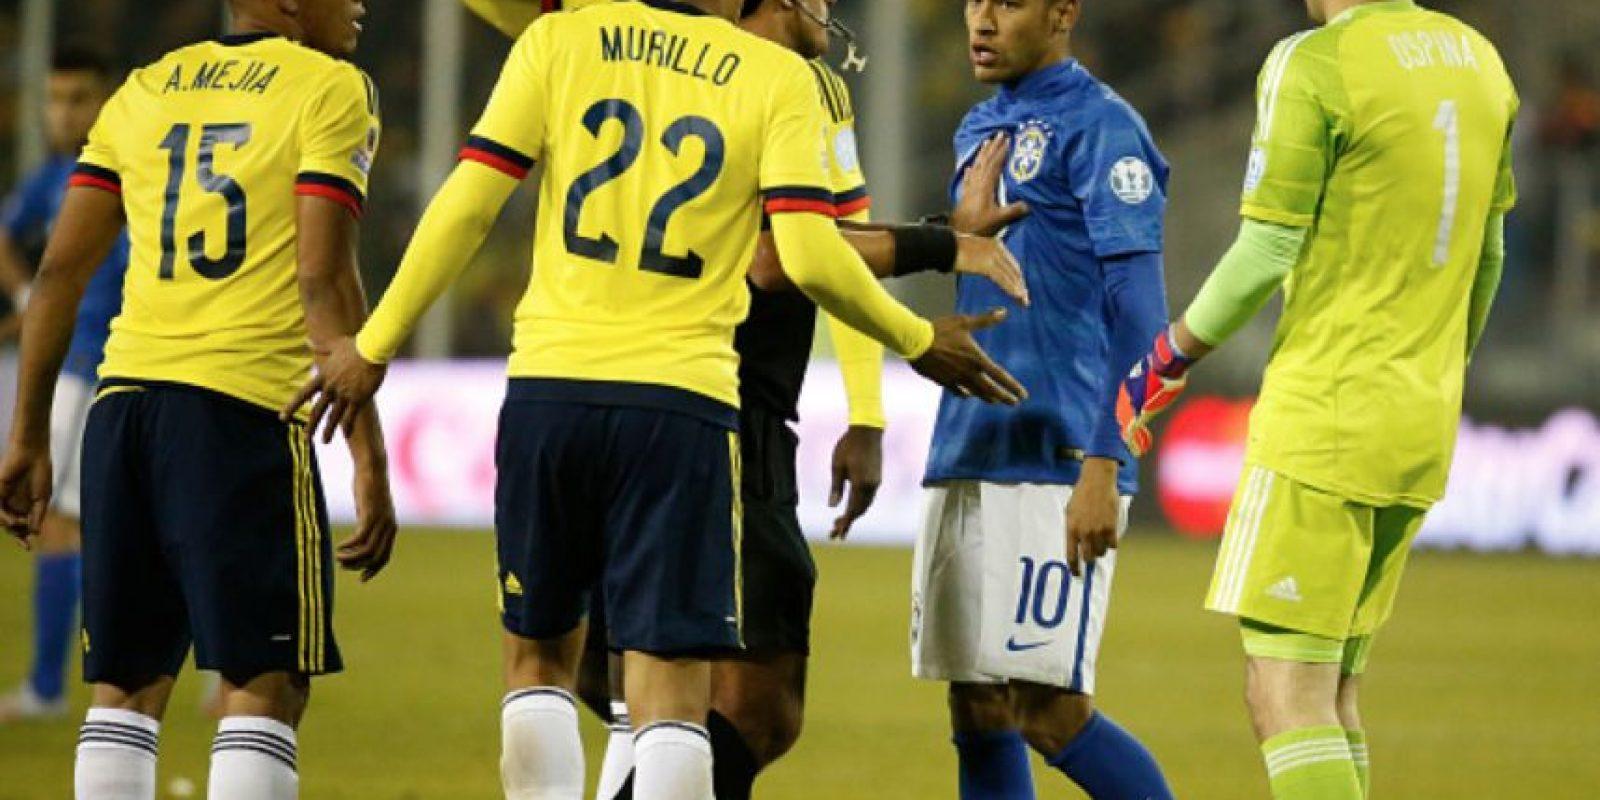 Este salió expulsado junto a Carlos Bacca por una pelea originada al final del partido. Foto:vía Getty Images